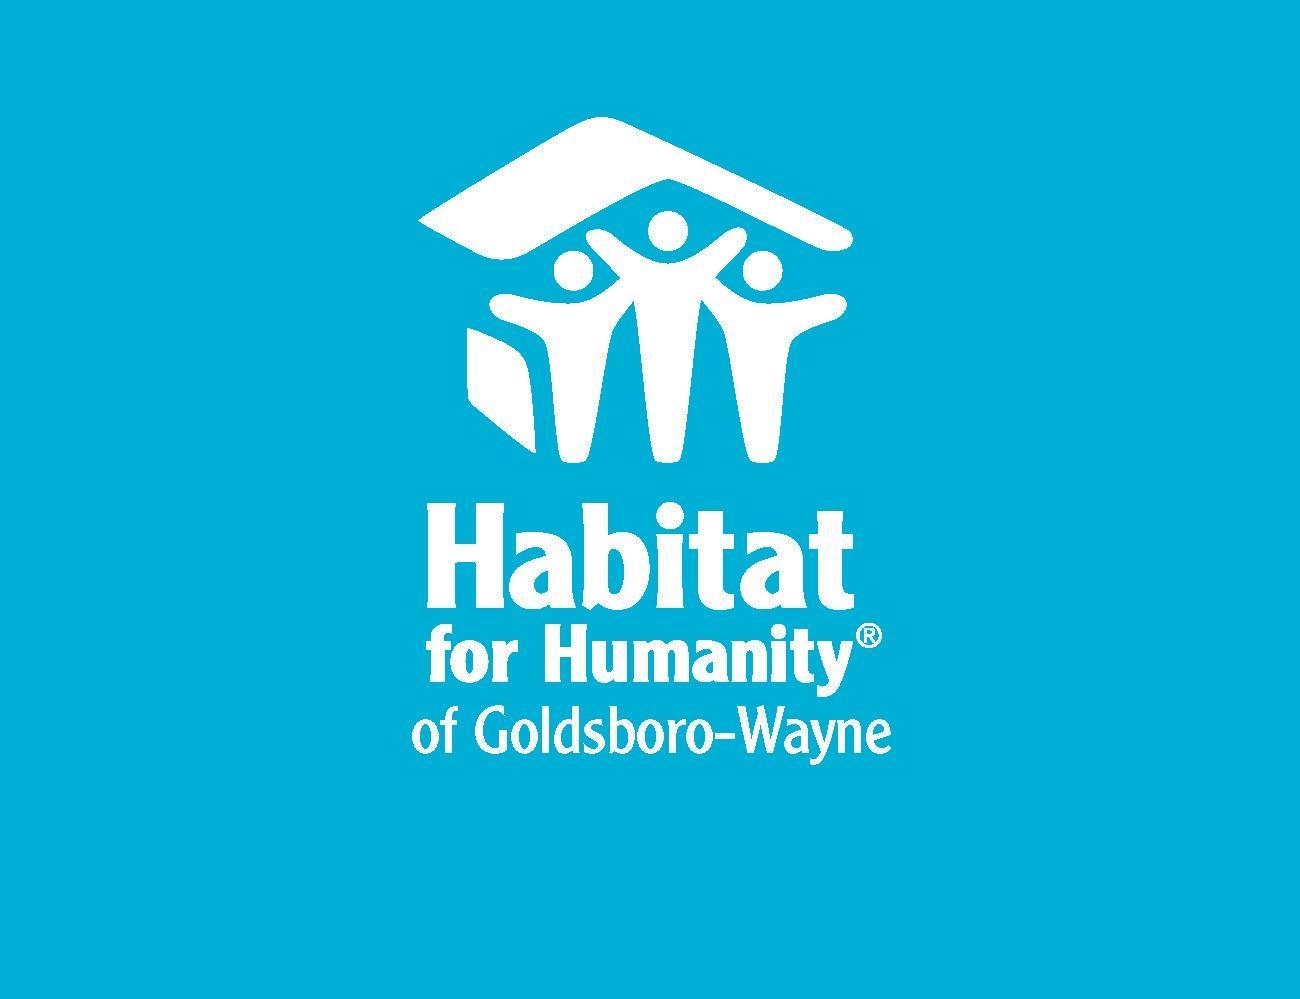 Habitat For Humanity of Goldsboro-Wayne